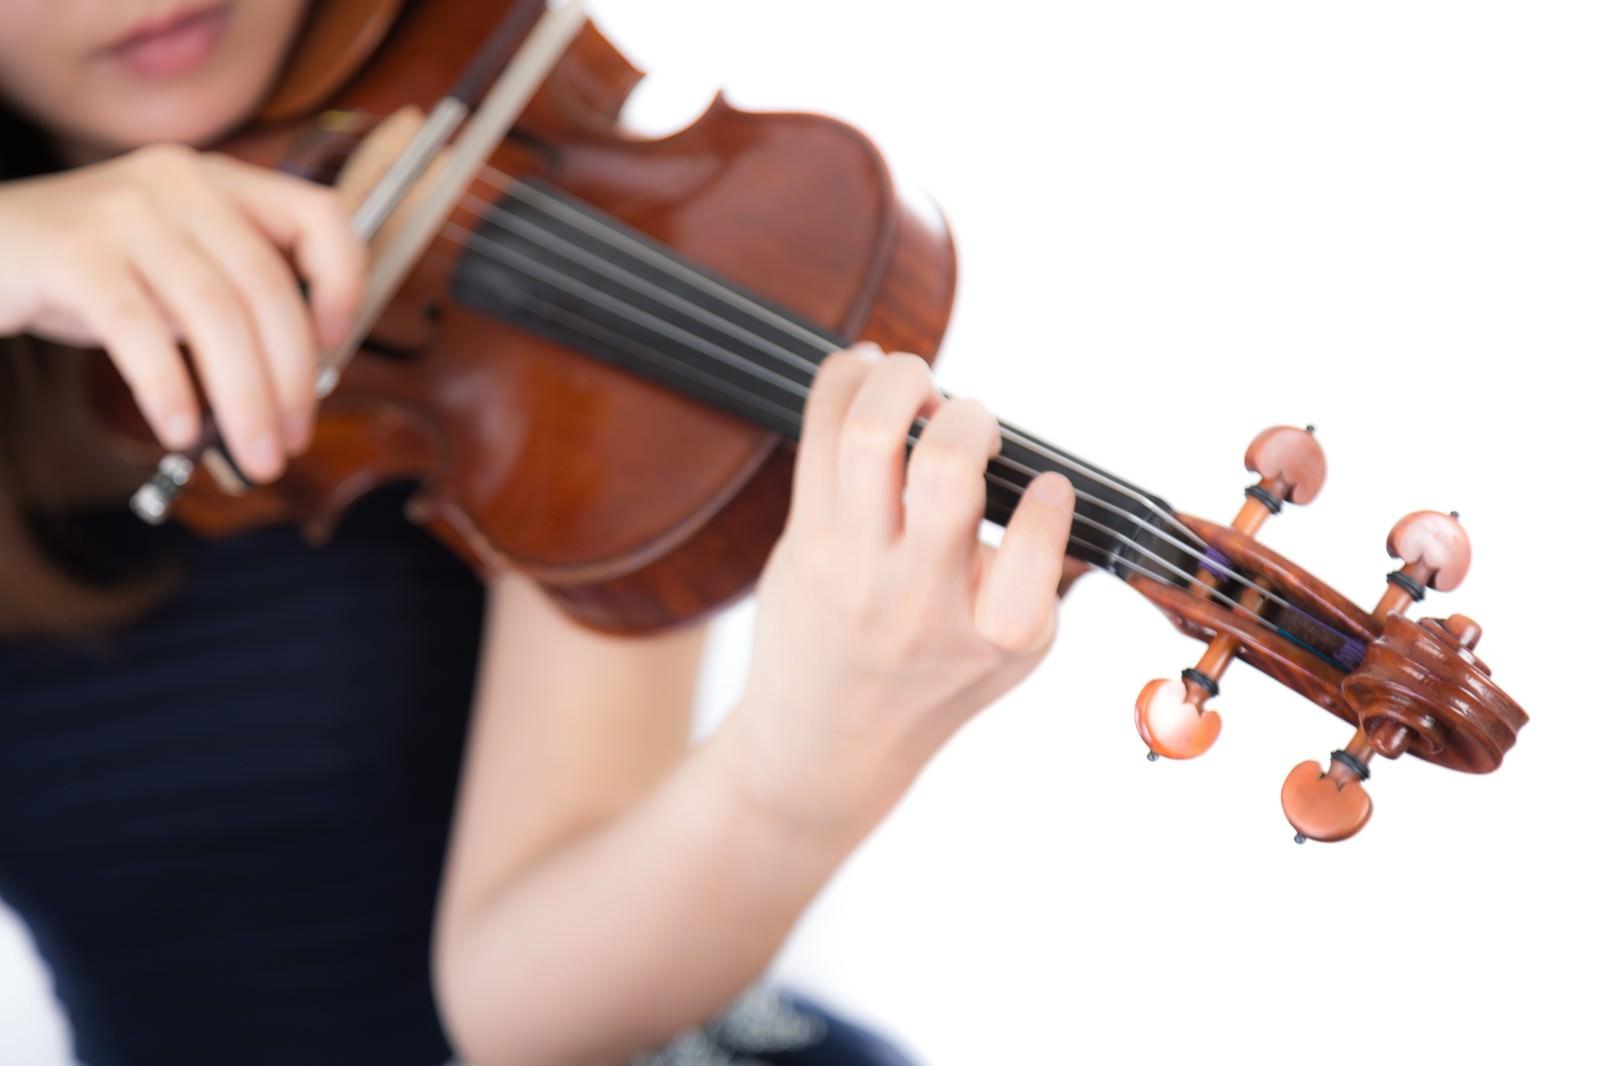 「演奏中の手元演奏中の手元」[モデル:yukiko]のフリー写真素材を拡大